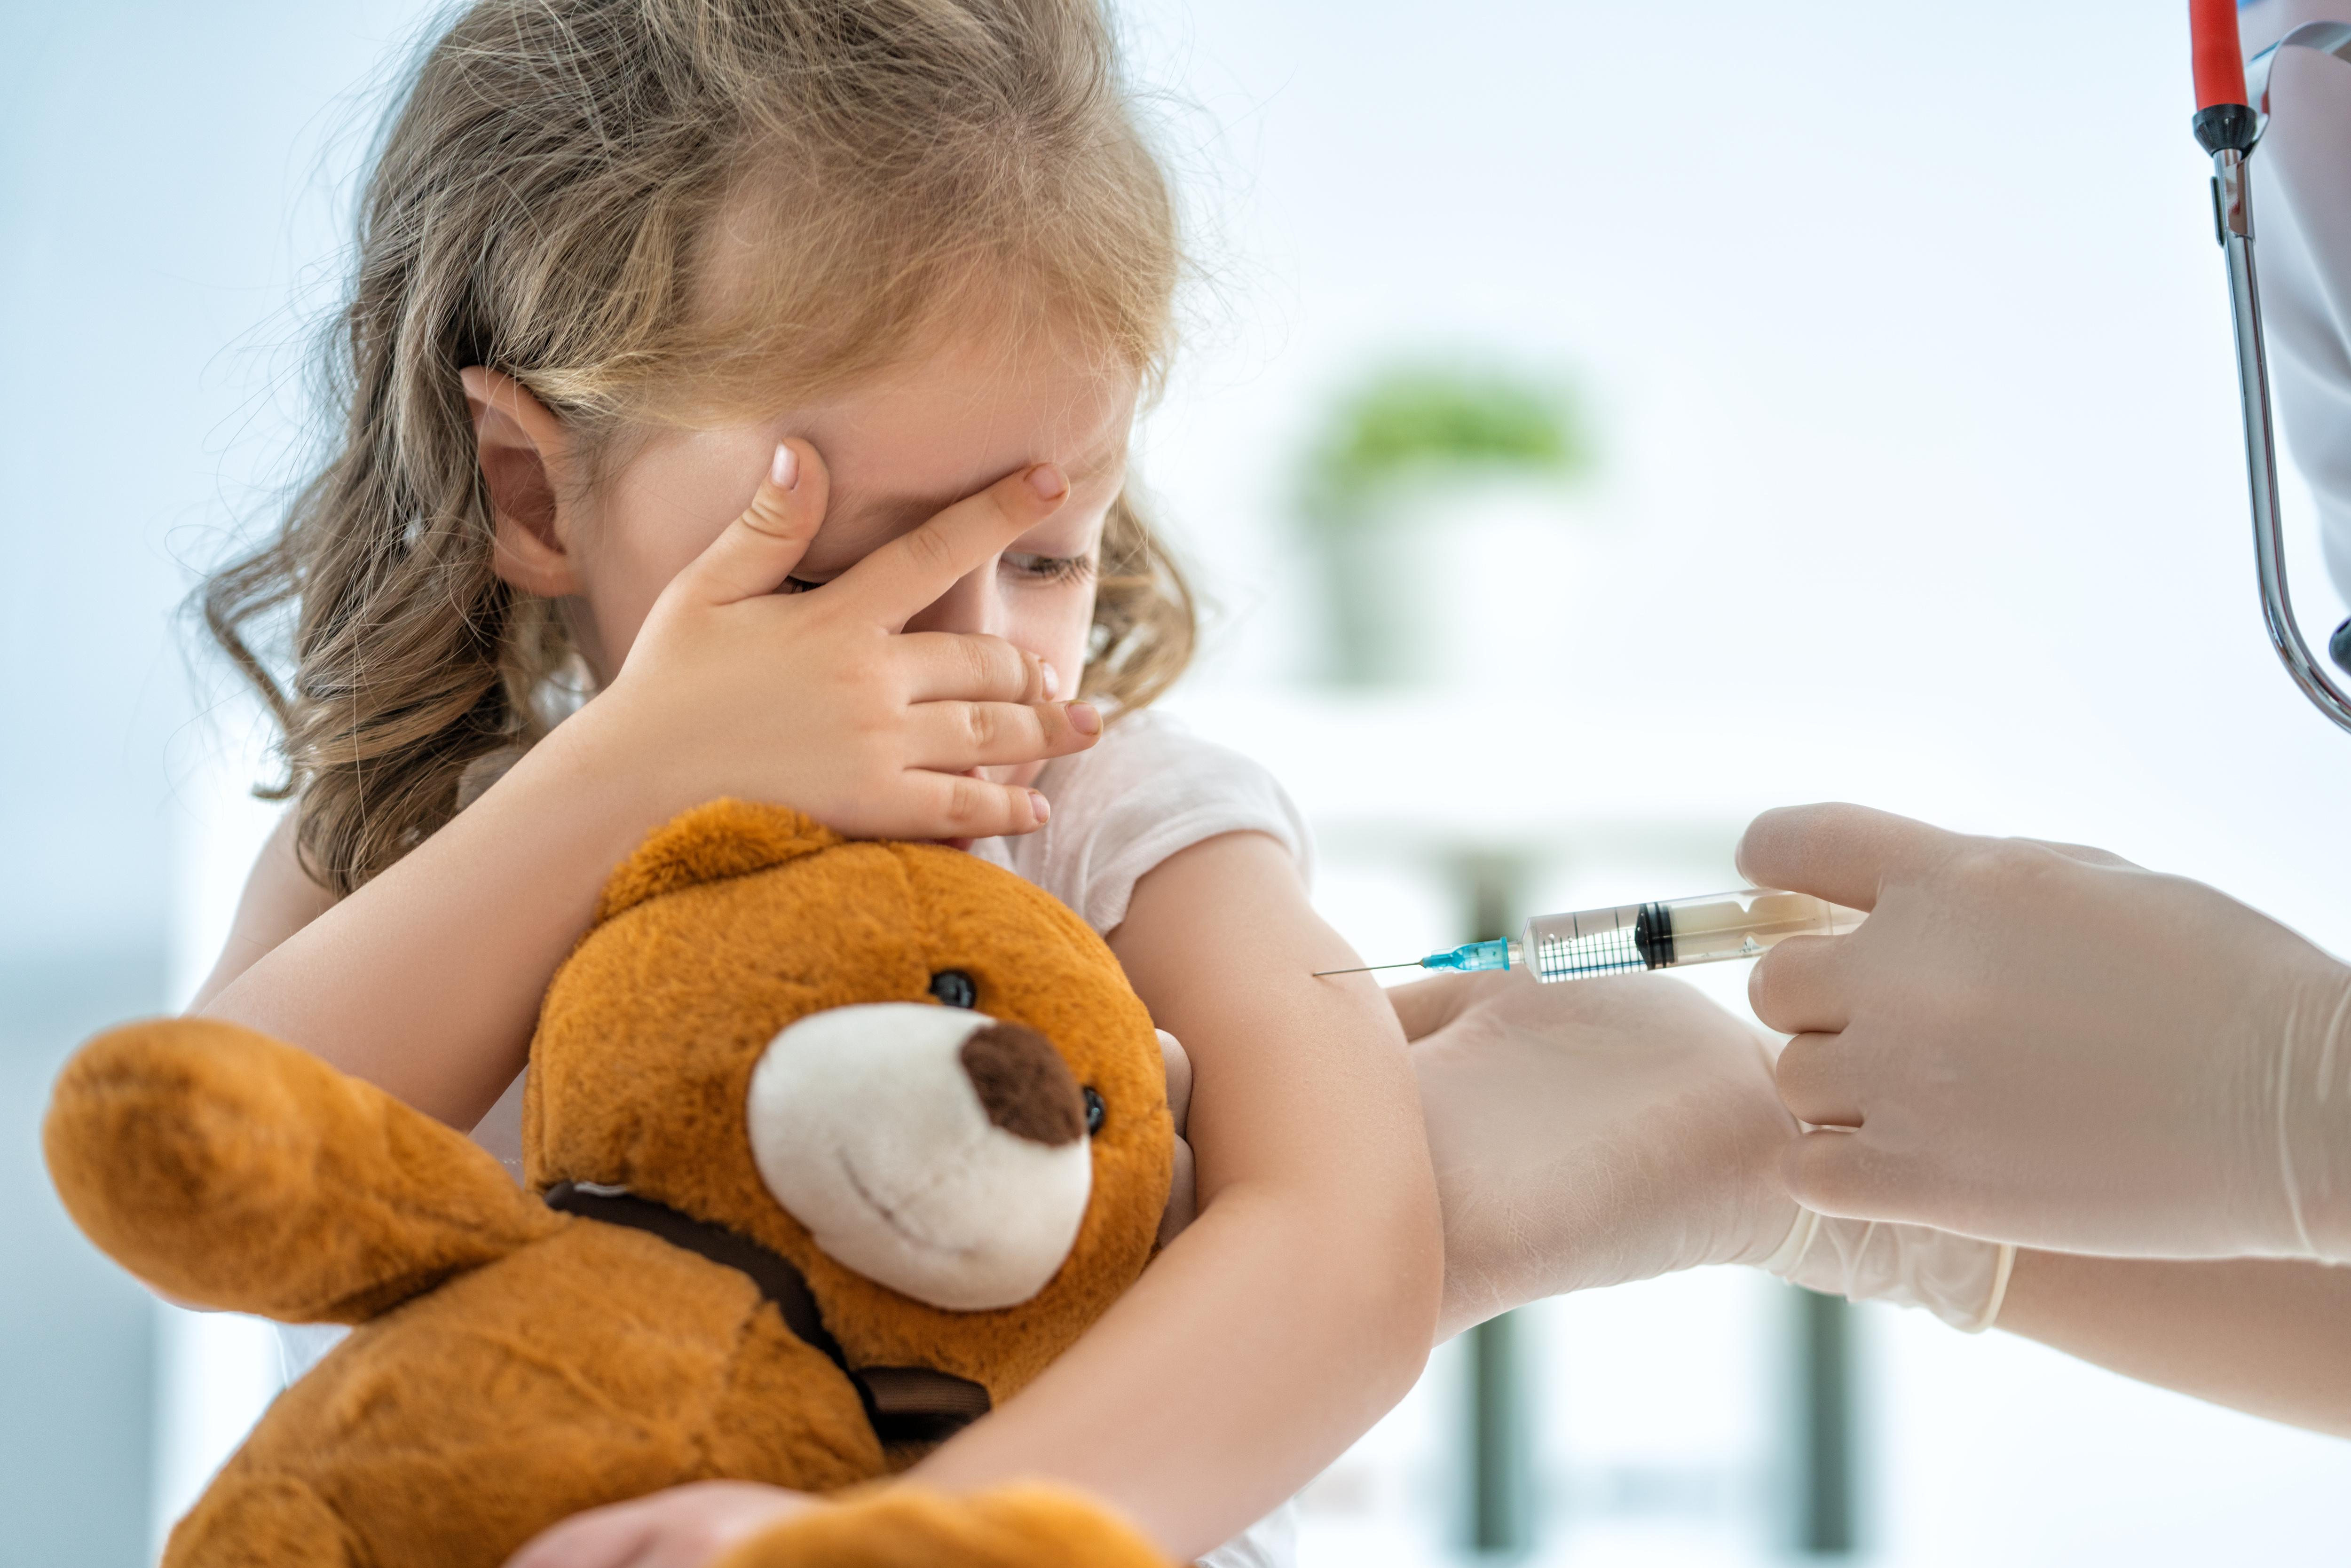 L'analyse identifie des preuves supplémentaires de l'innocuité de ces vaccins courants et constitue ainsi un plaidoyer en faveur de la vaccination (Visuel Adobe Stock 227063794)